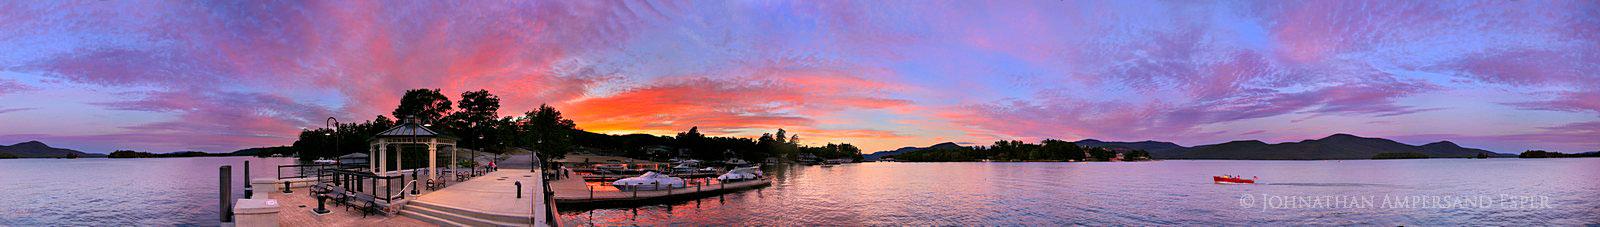 Bolton Landing, Lake George,sunset,360� panorama,Bolton Landing Lake George,town dock,Lake George sunset,, photo